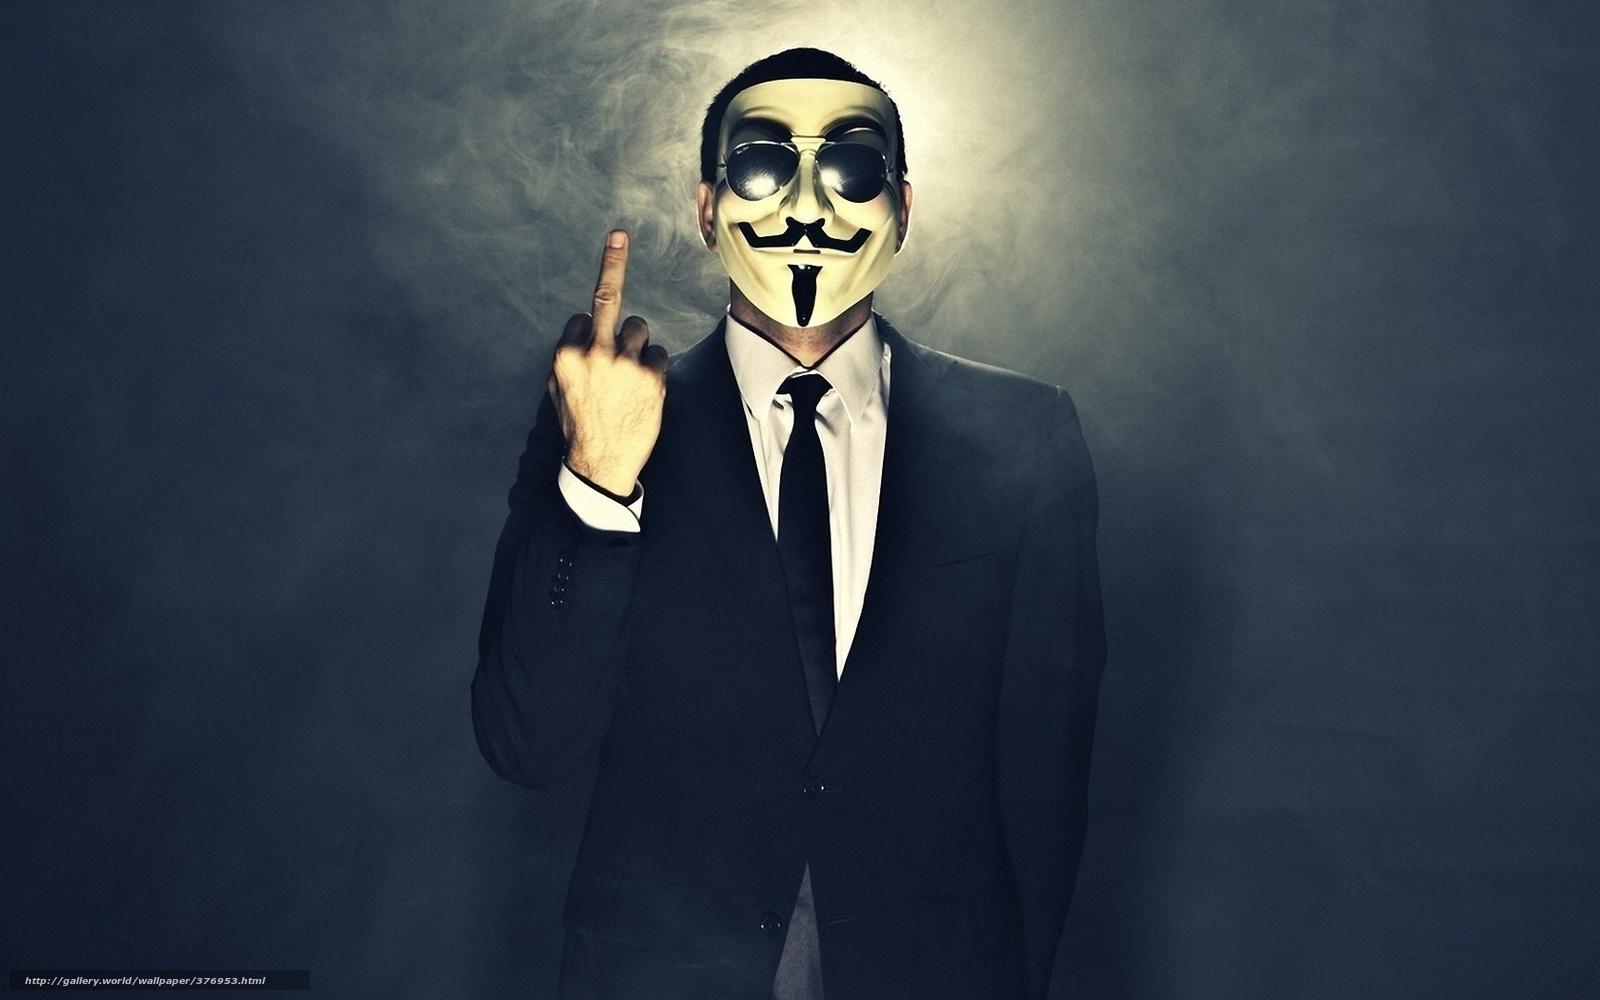 """""""Ничего личного, это все из-за глупого правительства, которое злоупотребляет доверием народа,"""" - хакеры взломали сайты МВД и Горсвета - Цензор.НЕТ 9617"""